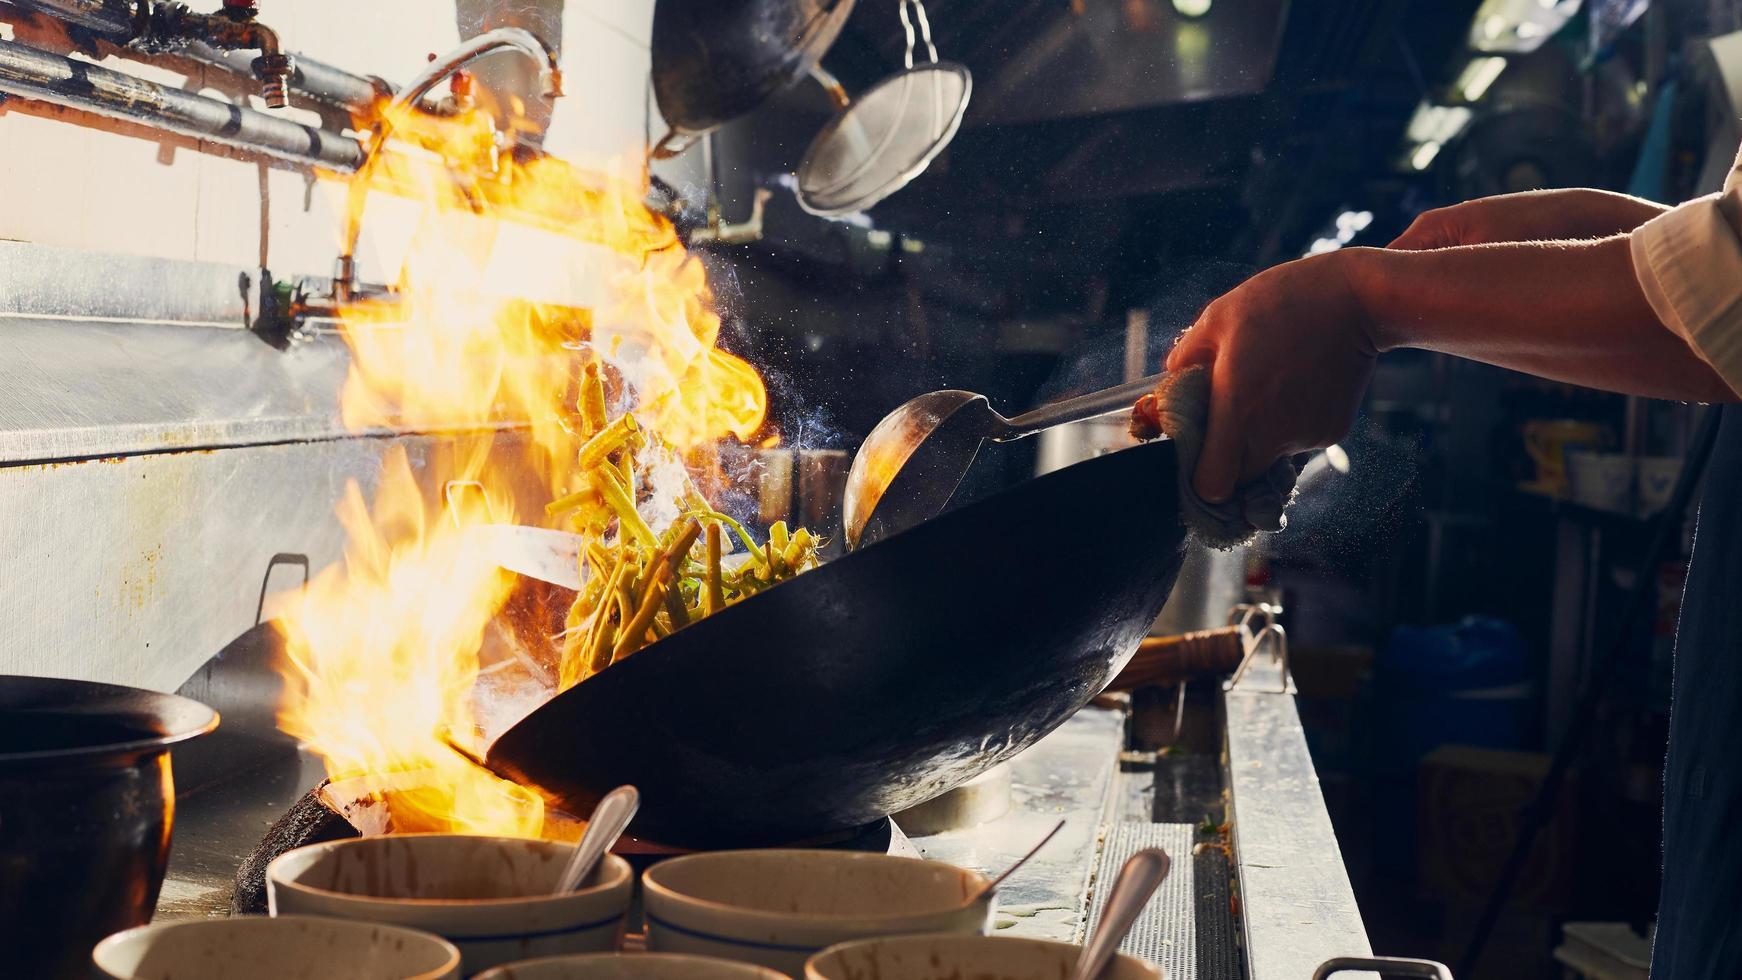 bruciare il cibo in un wok foto